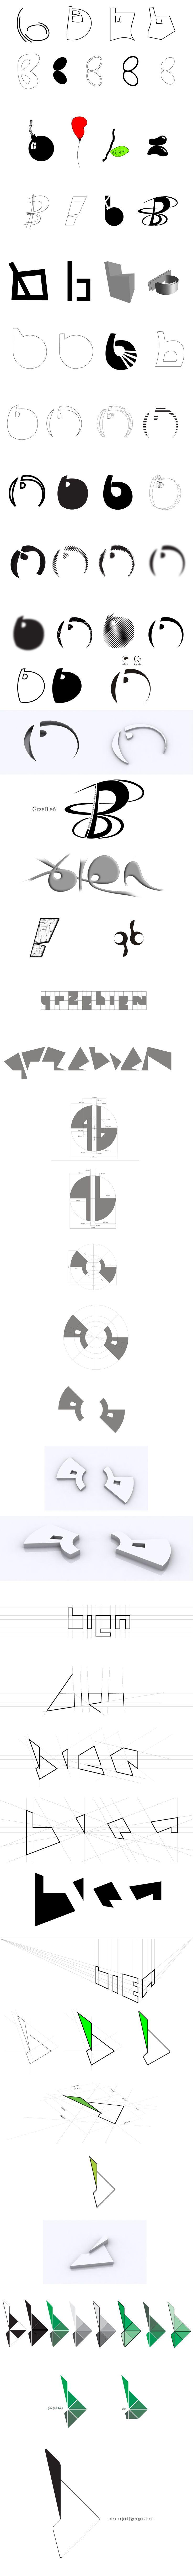 bien project | grzegorz bien | logo process